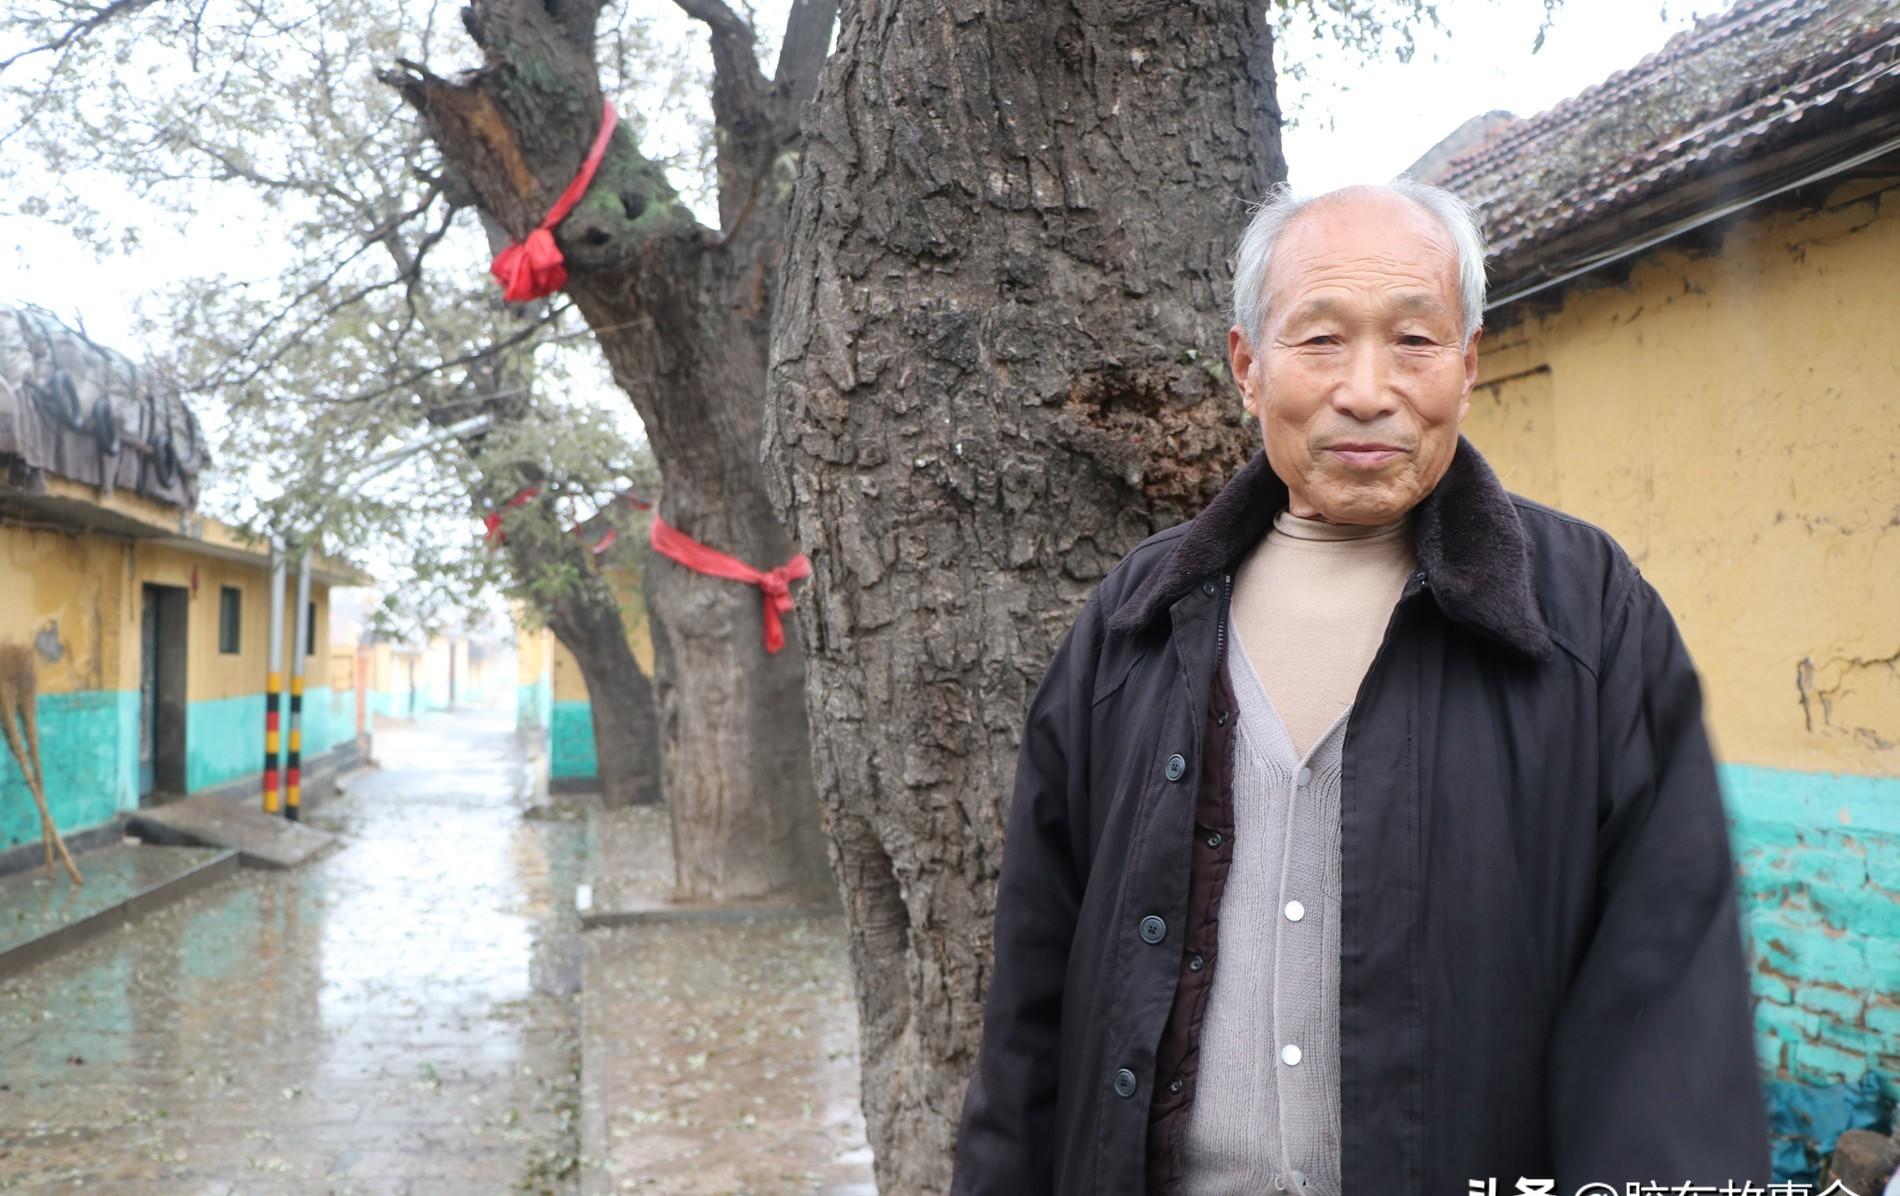 拜访莱阳战氏族谱修撰者,前发坊村81岁的战世典先生